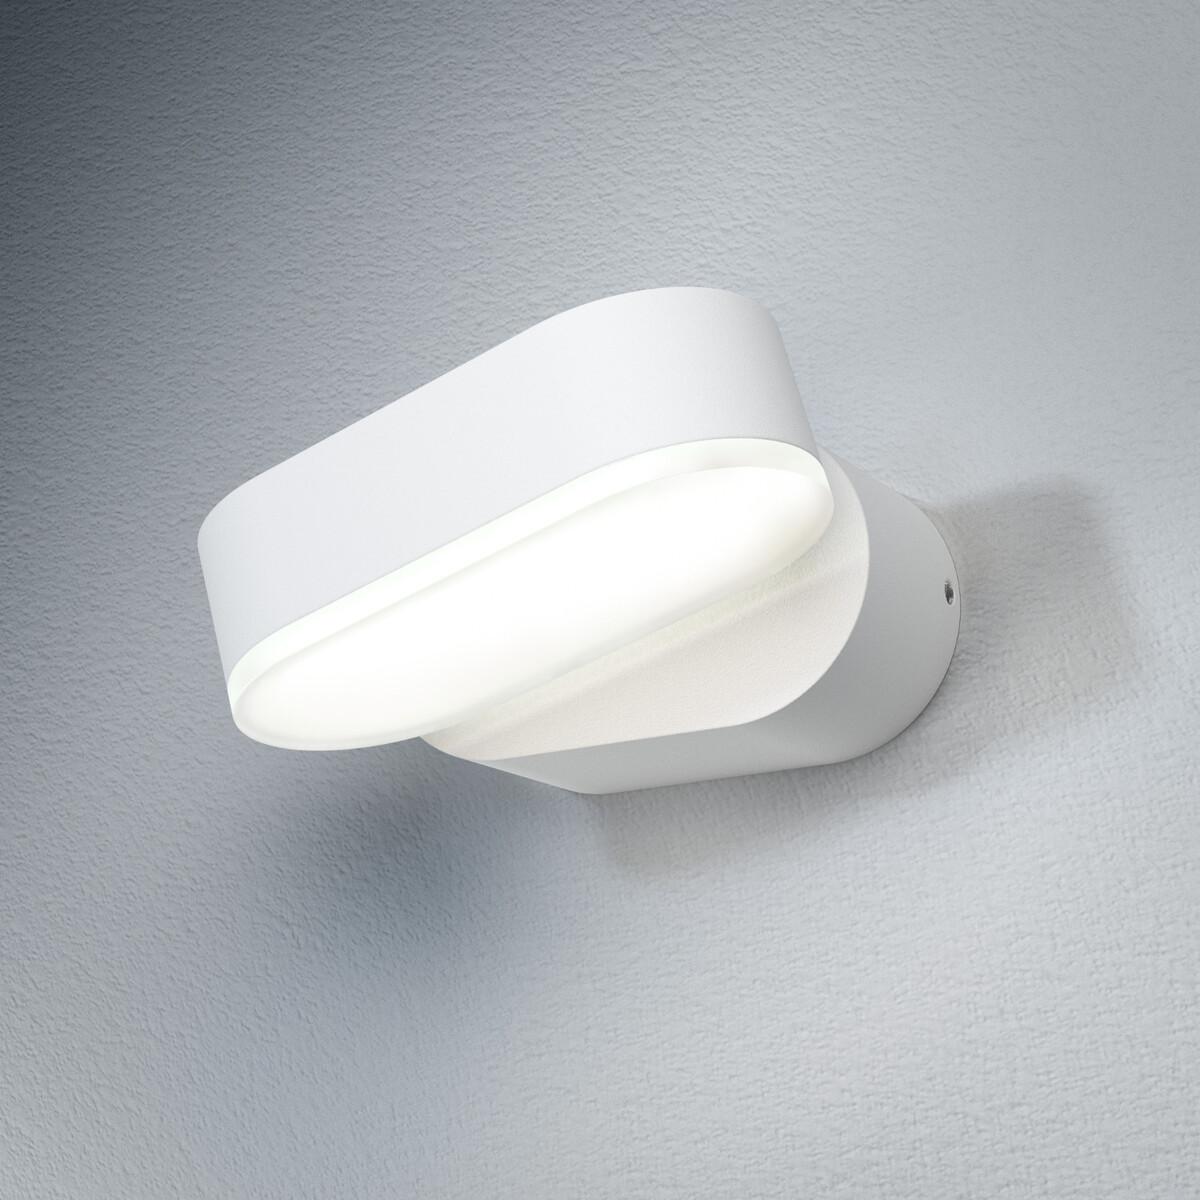 Bild 1 von Ledvance Außenleuchte Endura Style Mini Spot, 7,5W, Gehäuse Aluminium, weiß, ca. 10,0 x 11,0 x 5,4cm